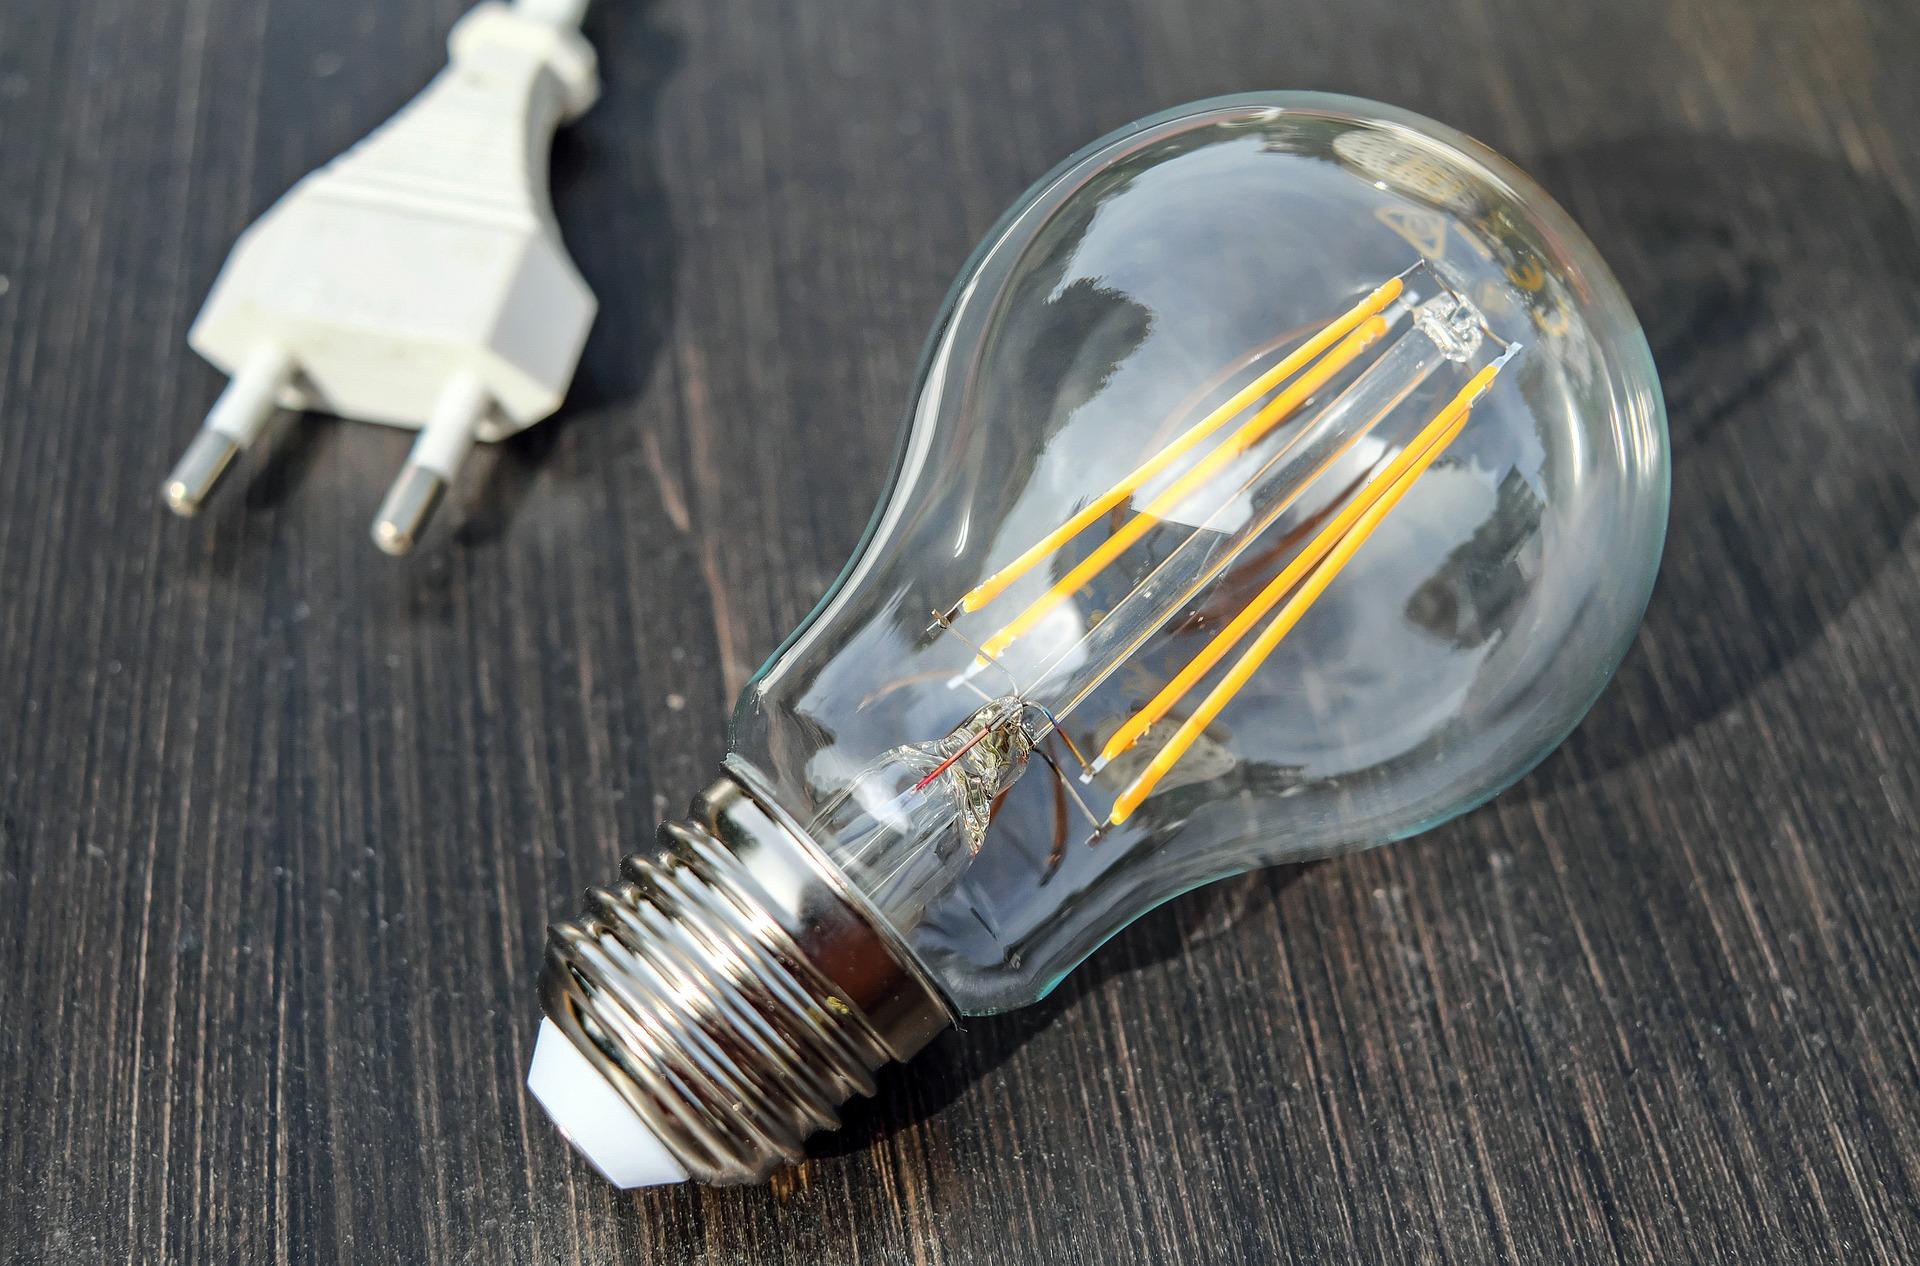 Se întrerupe curentul electric în București, Giurgiu și Ilfov. Anunțul făcut de E-Distribuție Muntenia